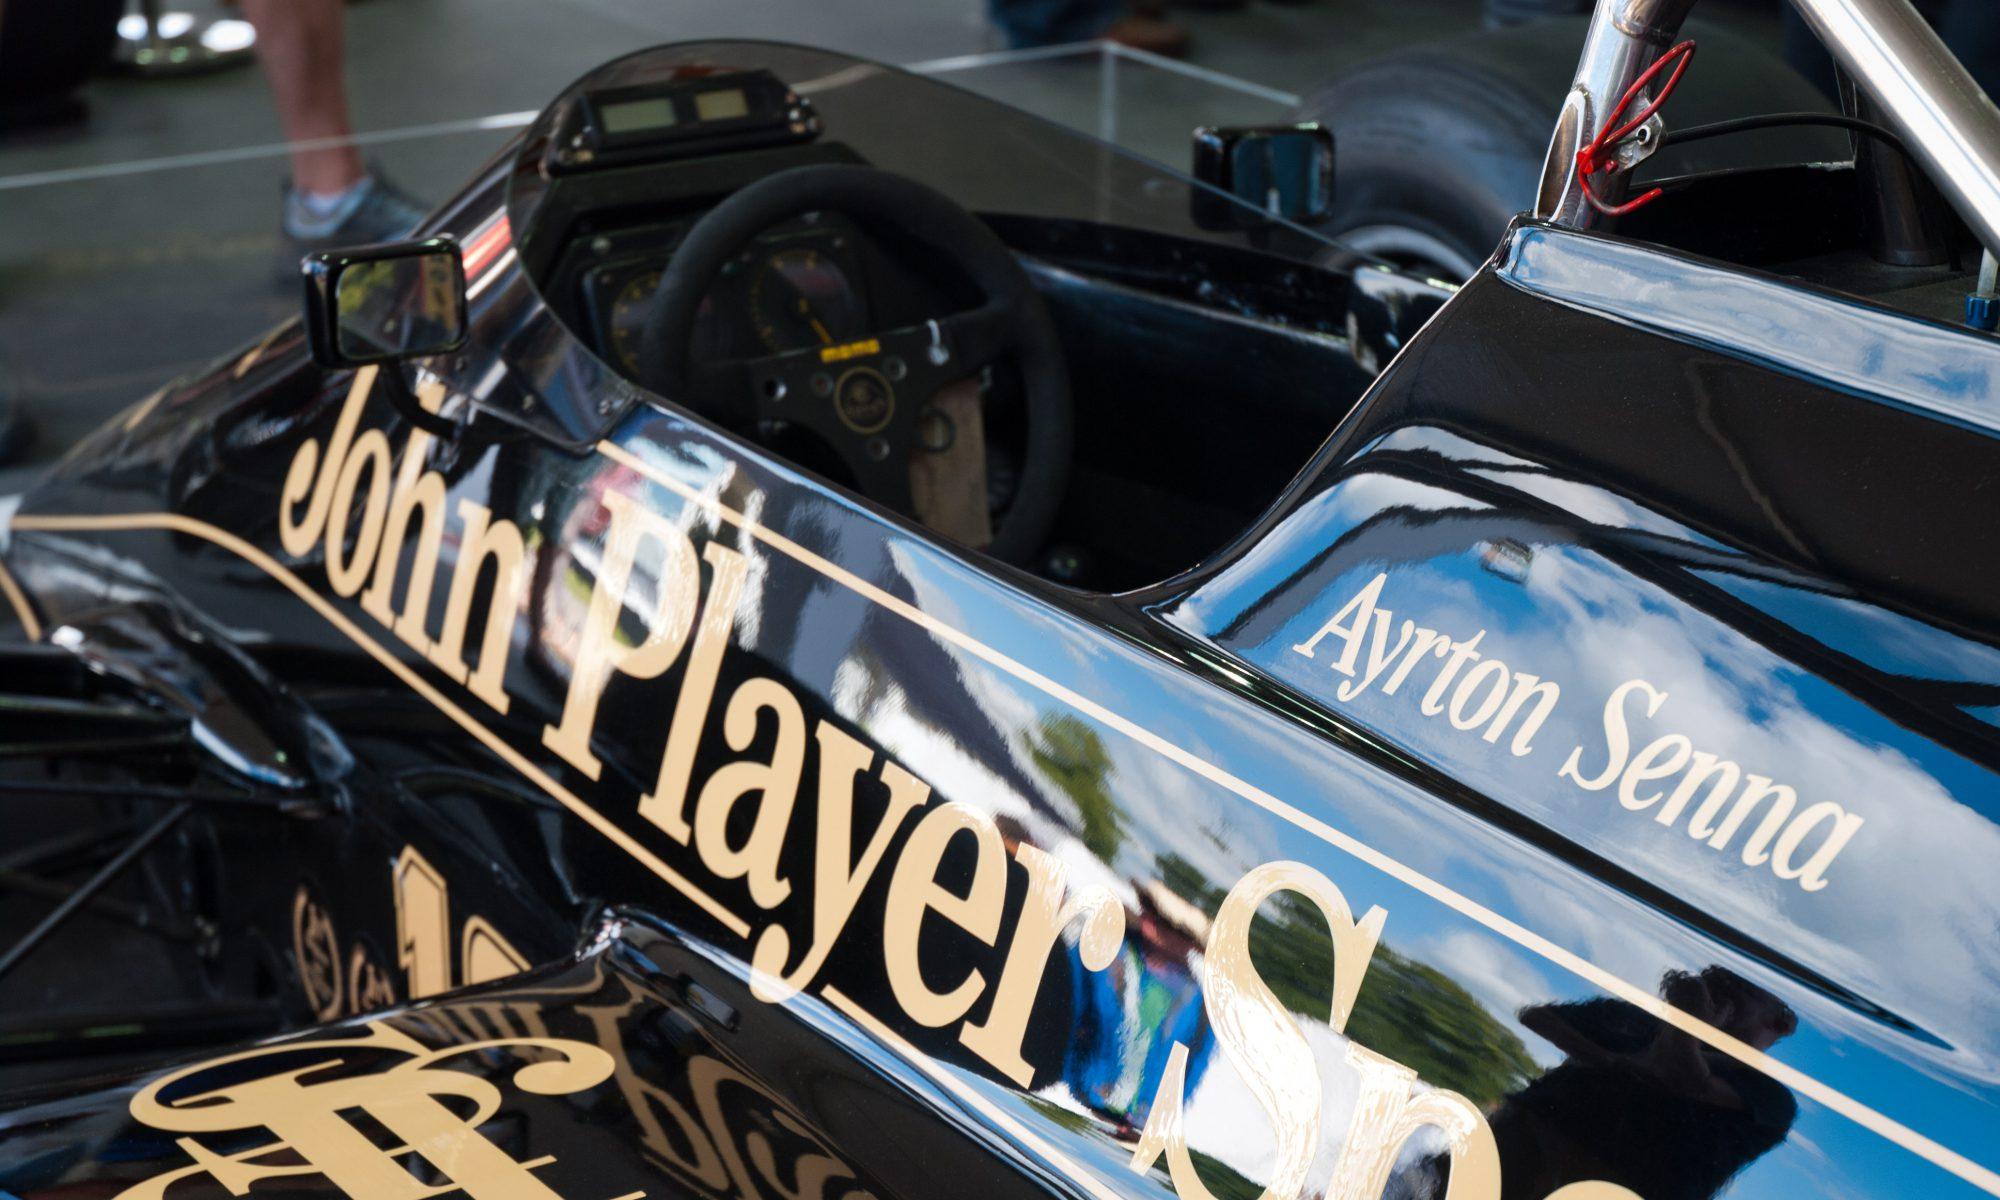 Ayrton Senna Memorial Museum